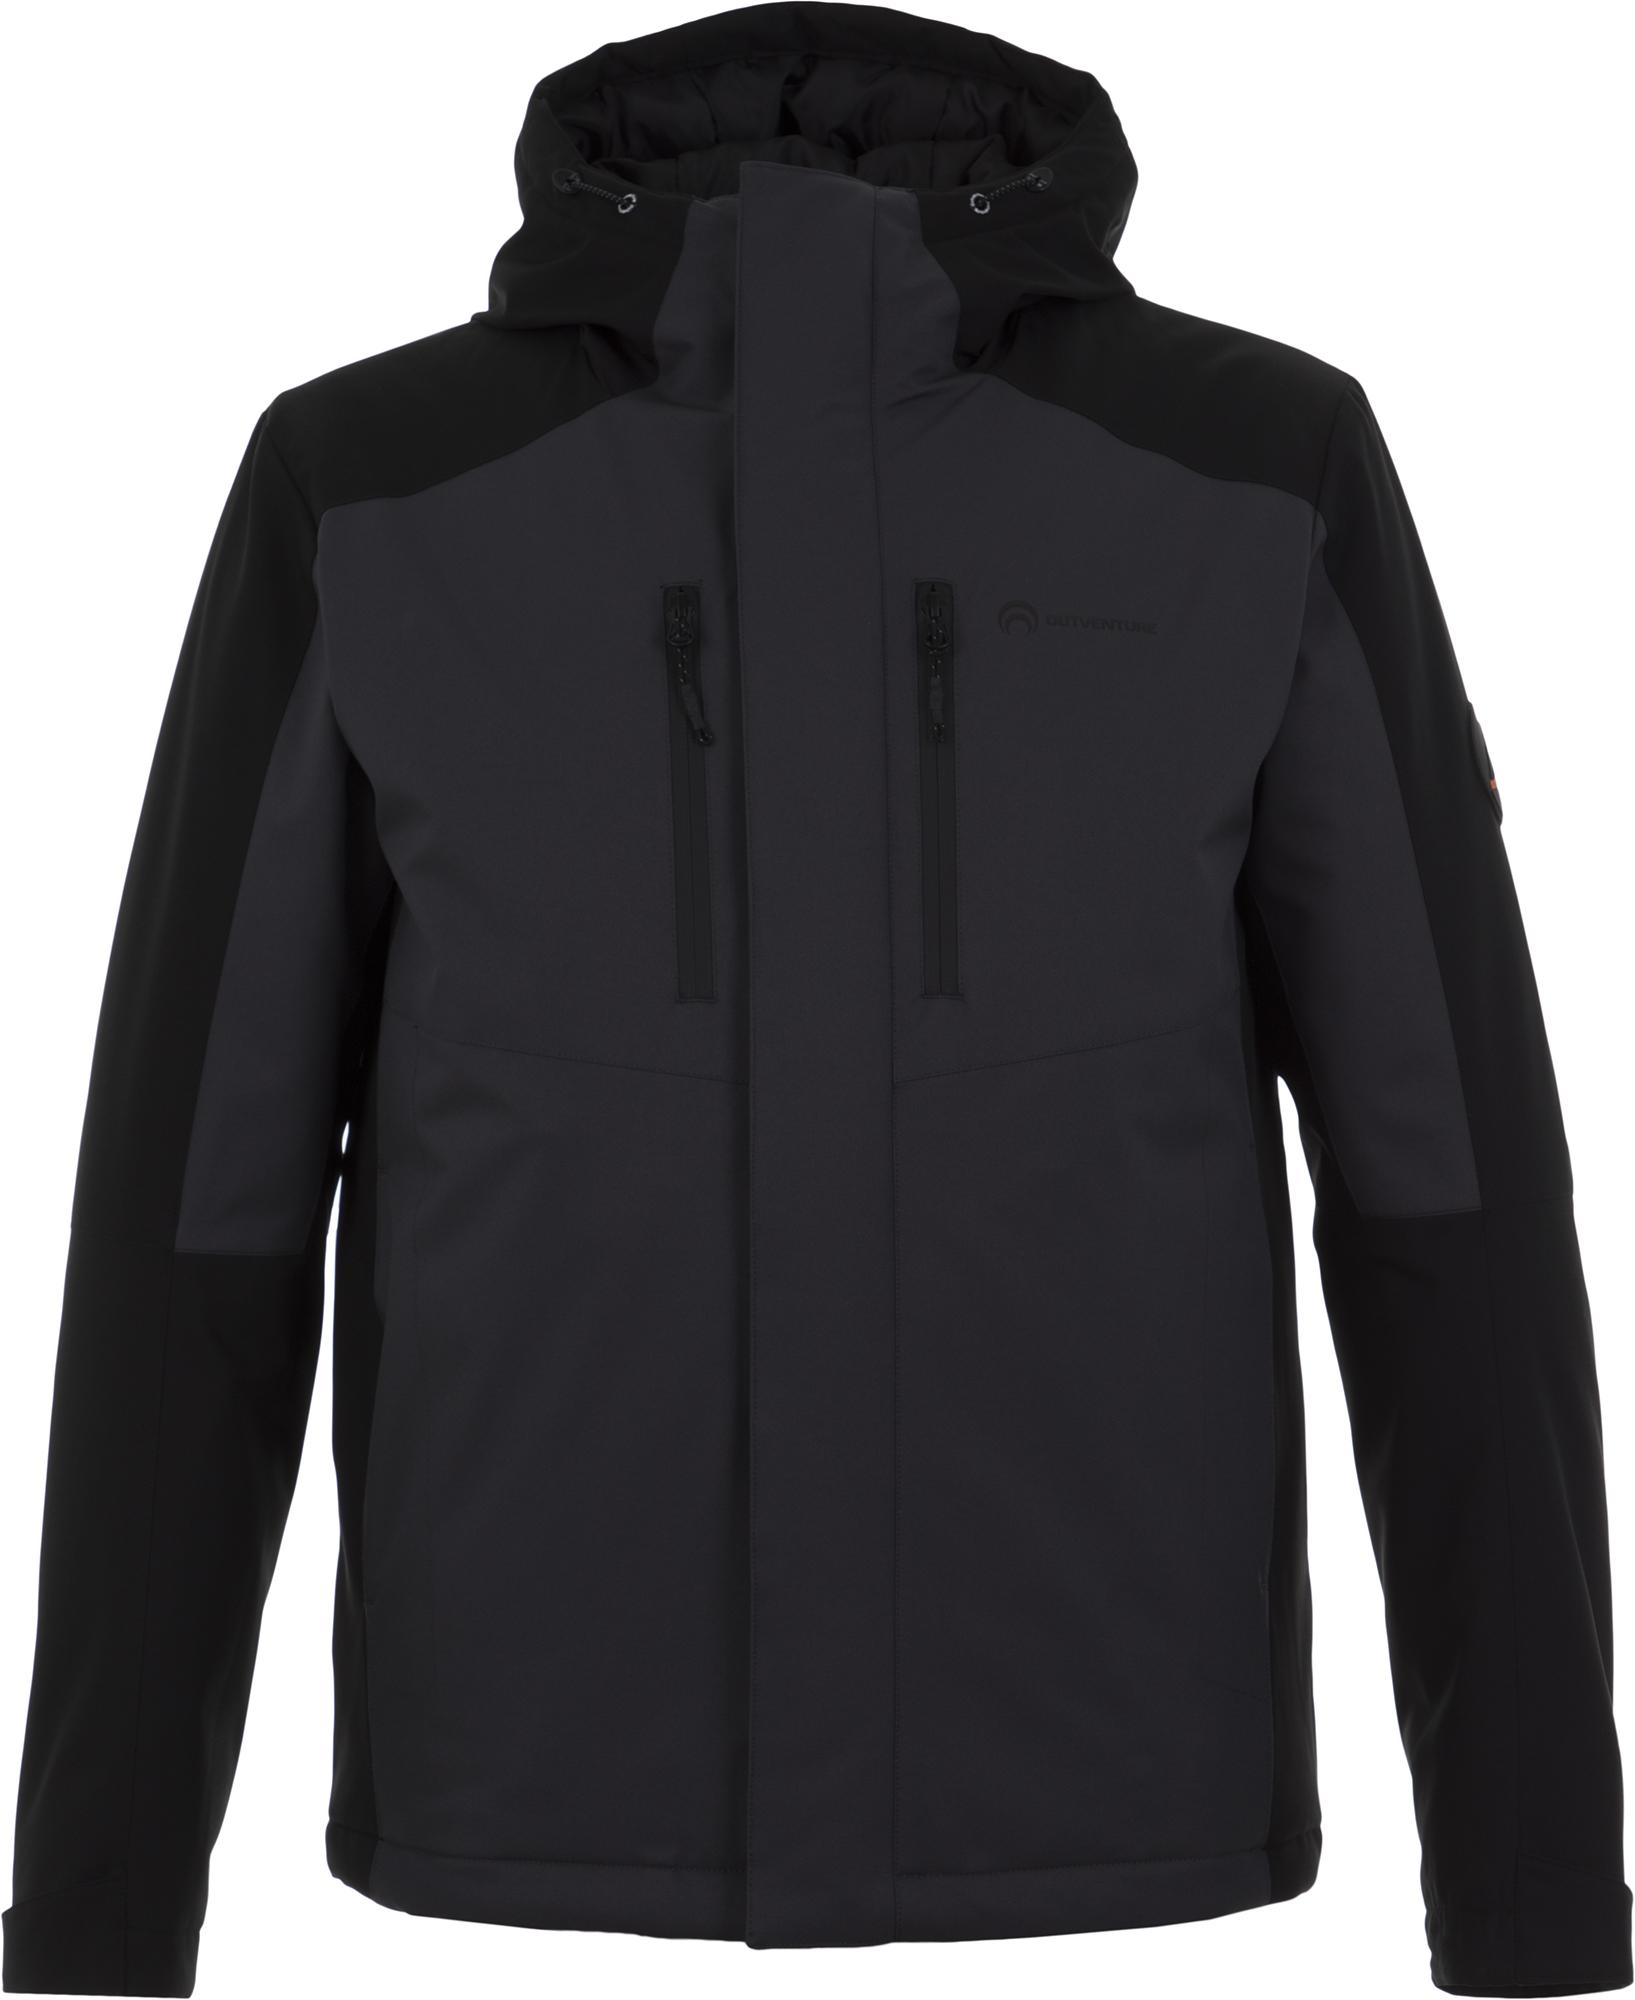 Outventure Куртка утепленная мужская Outventure, размер 50 куртка мужская варгградъ цвет оранжевый ja1000001000 размер l 50